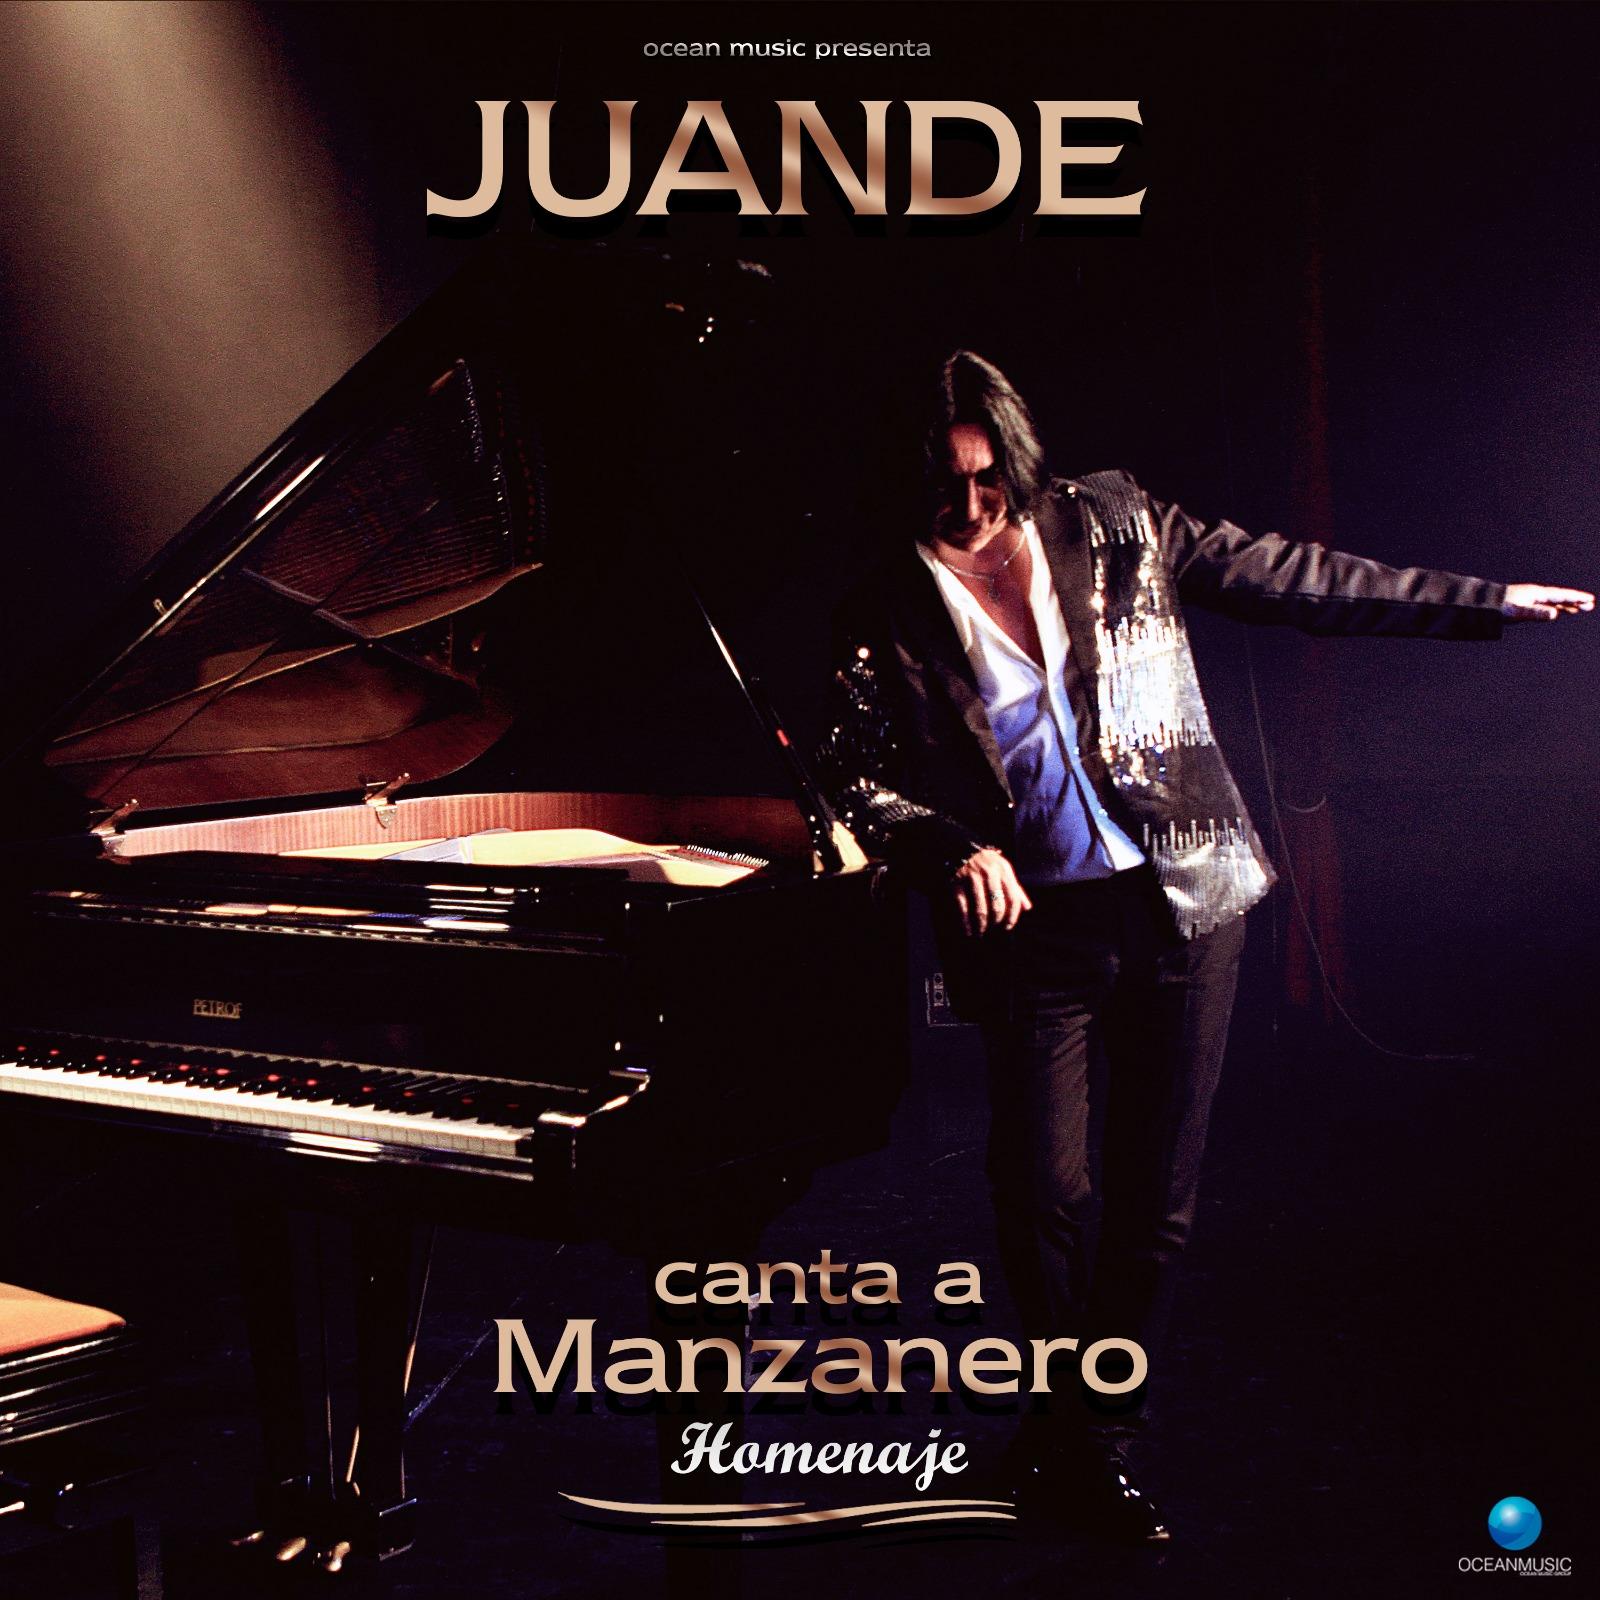 Juande canta a Manzanero (Homenaje)